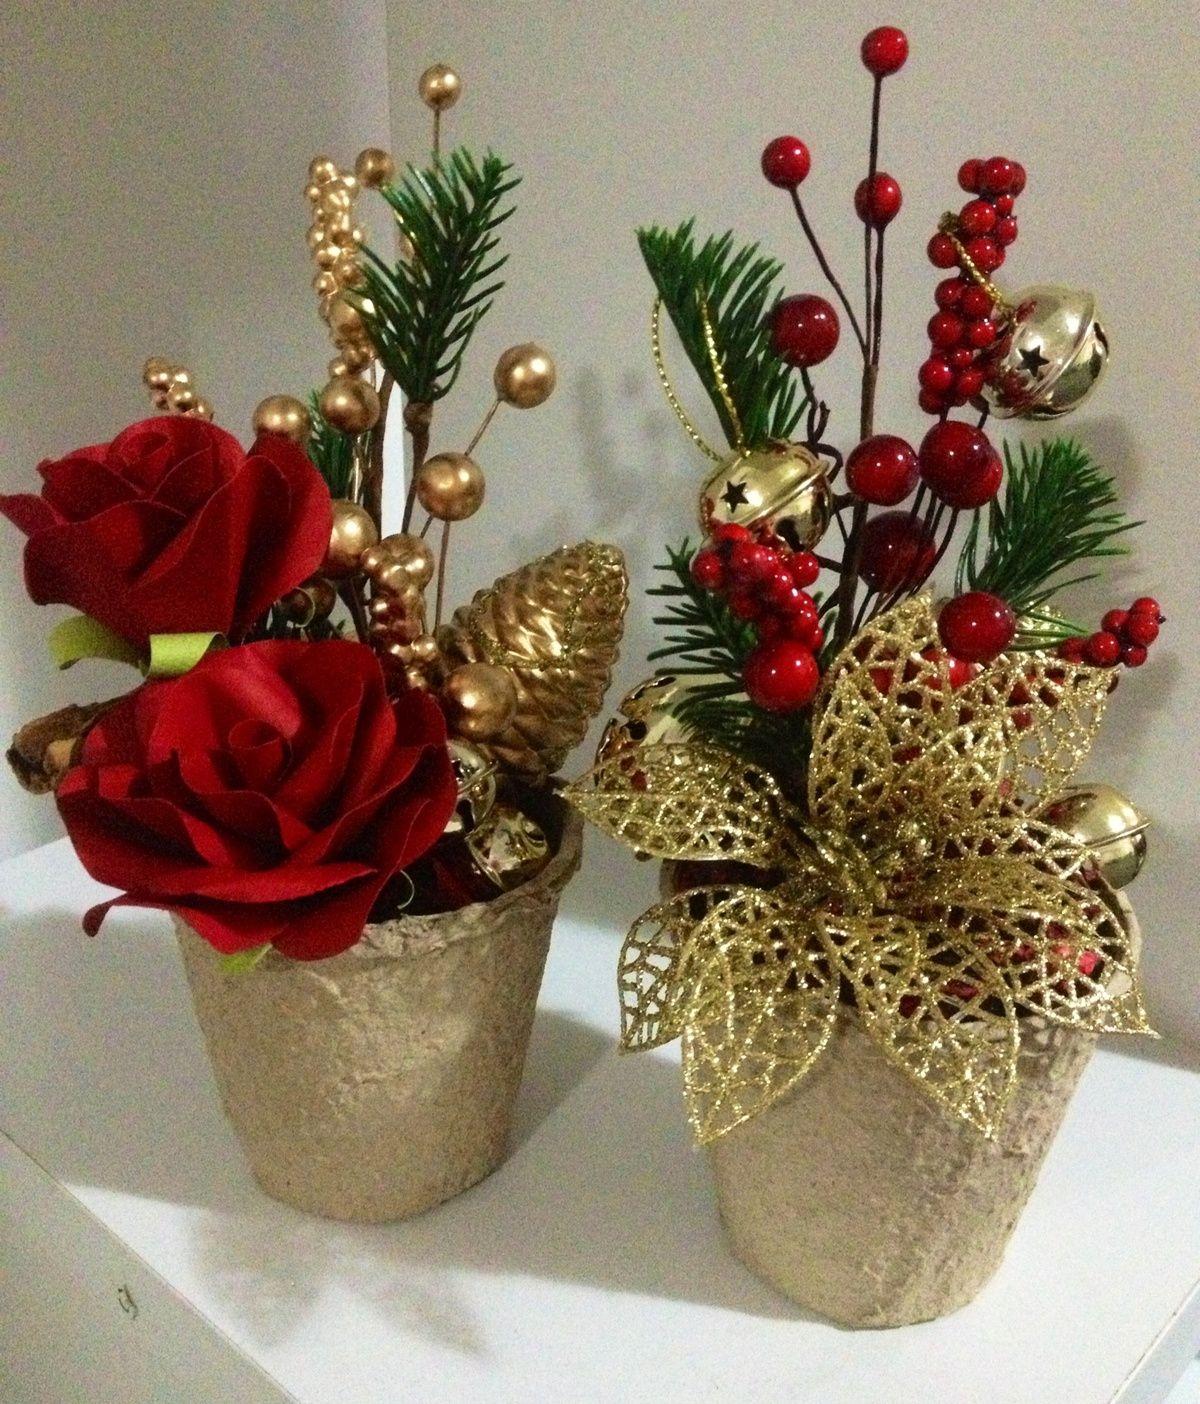 10 centros de mesa navide os que har n que la decoraci n - Adornos de mesa navidenos ...